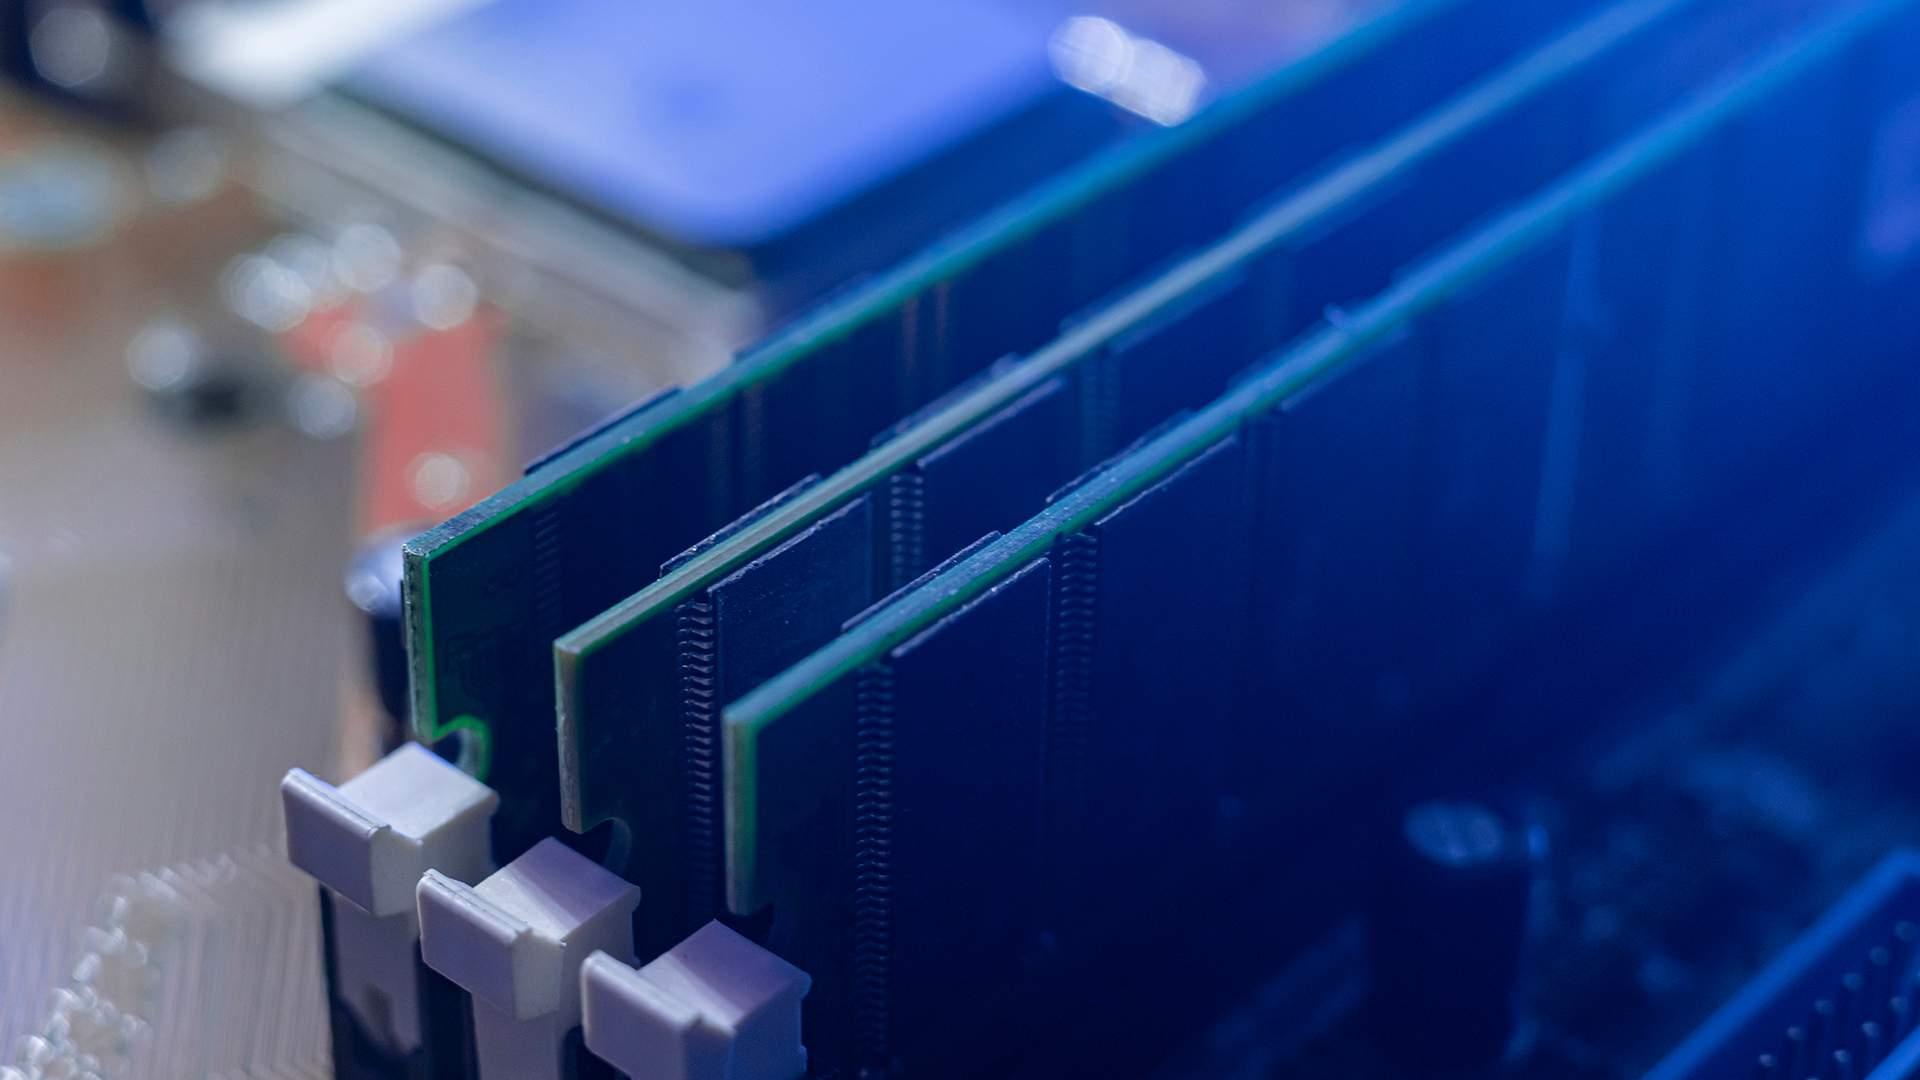 A memória RAM é um componente essencial no trabalho dos cientistas de dados (Fonte: Shutterstock/Mike_shots)